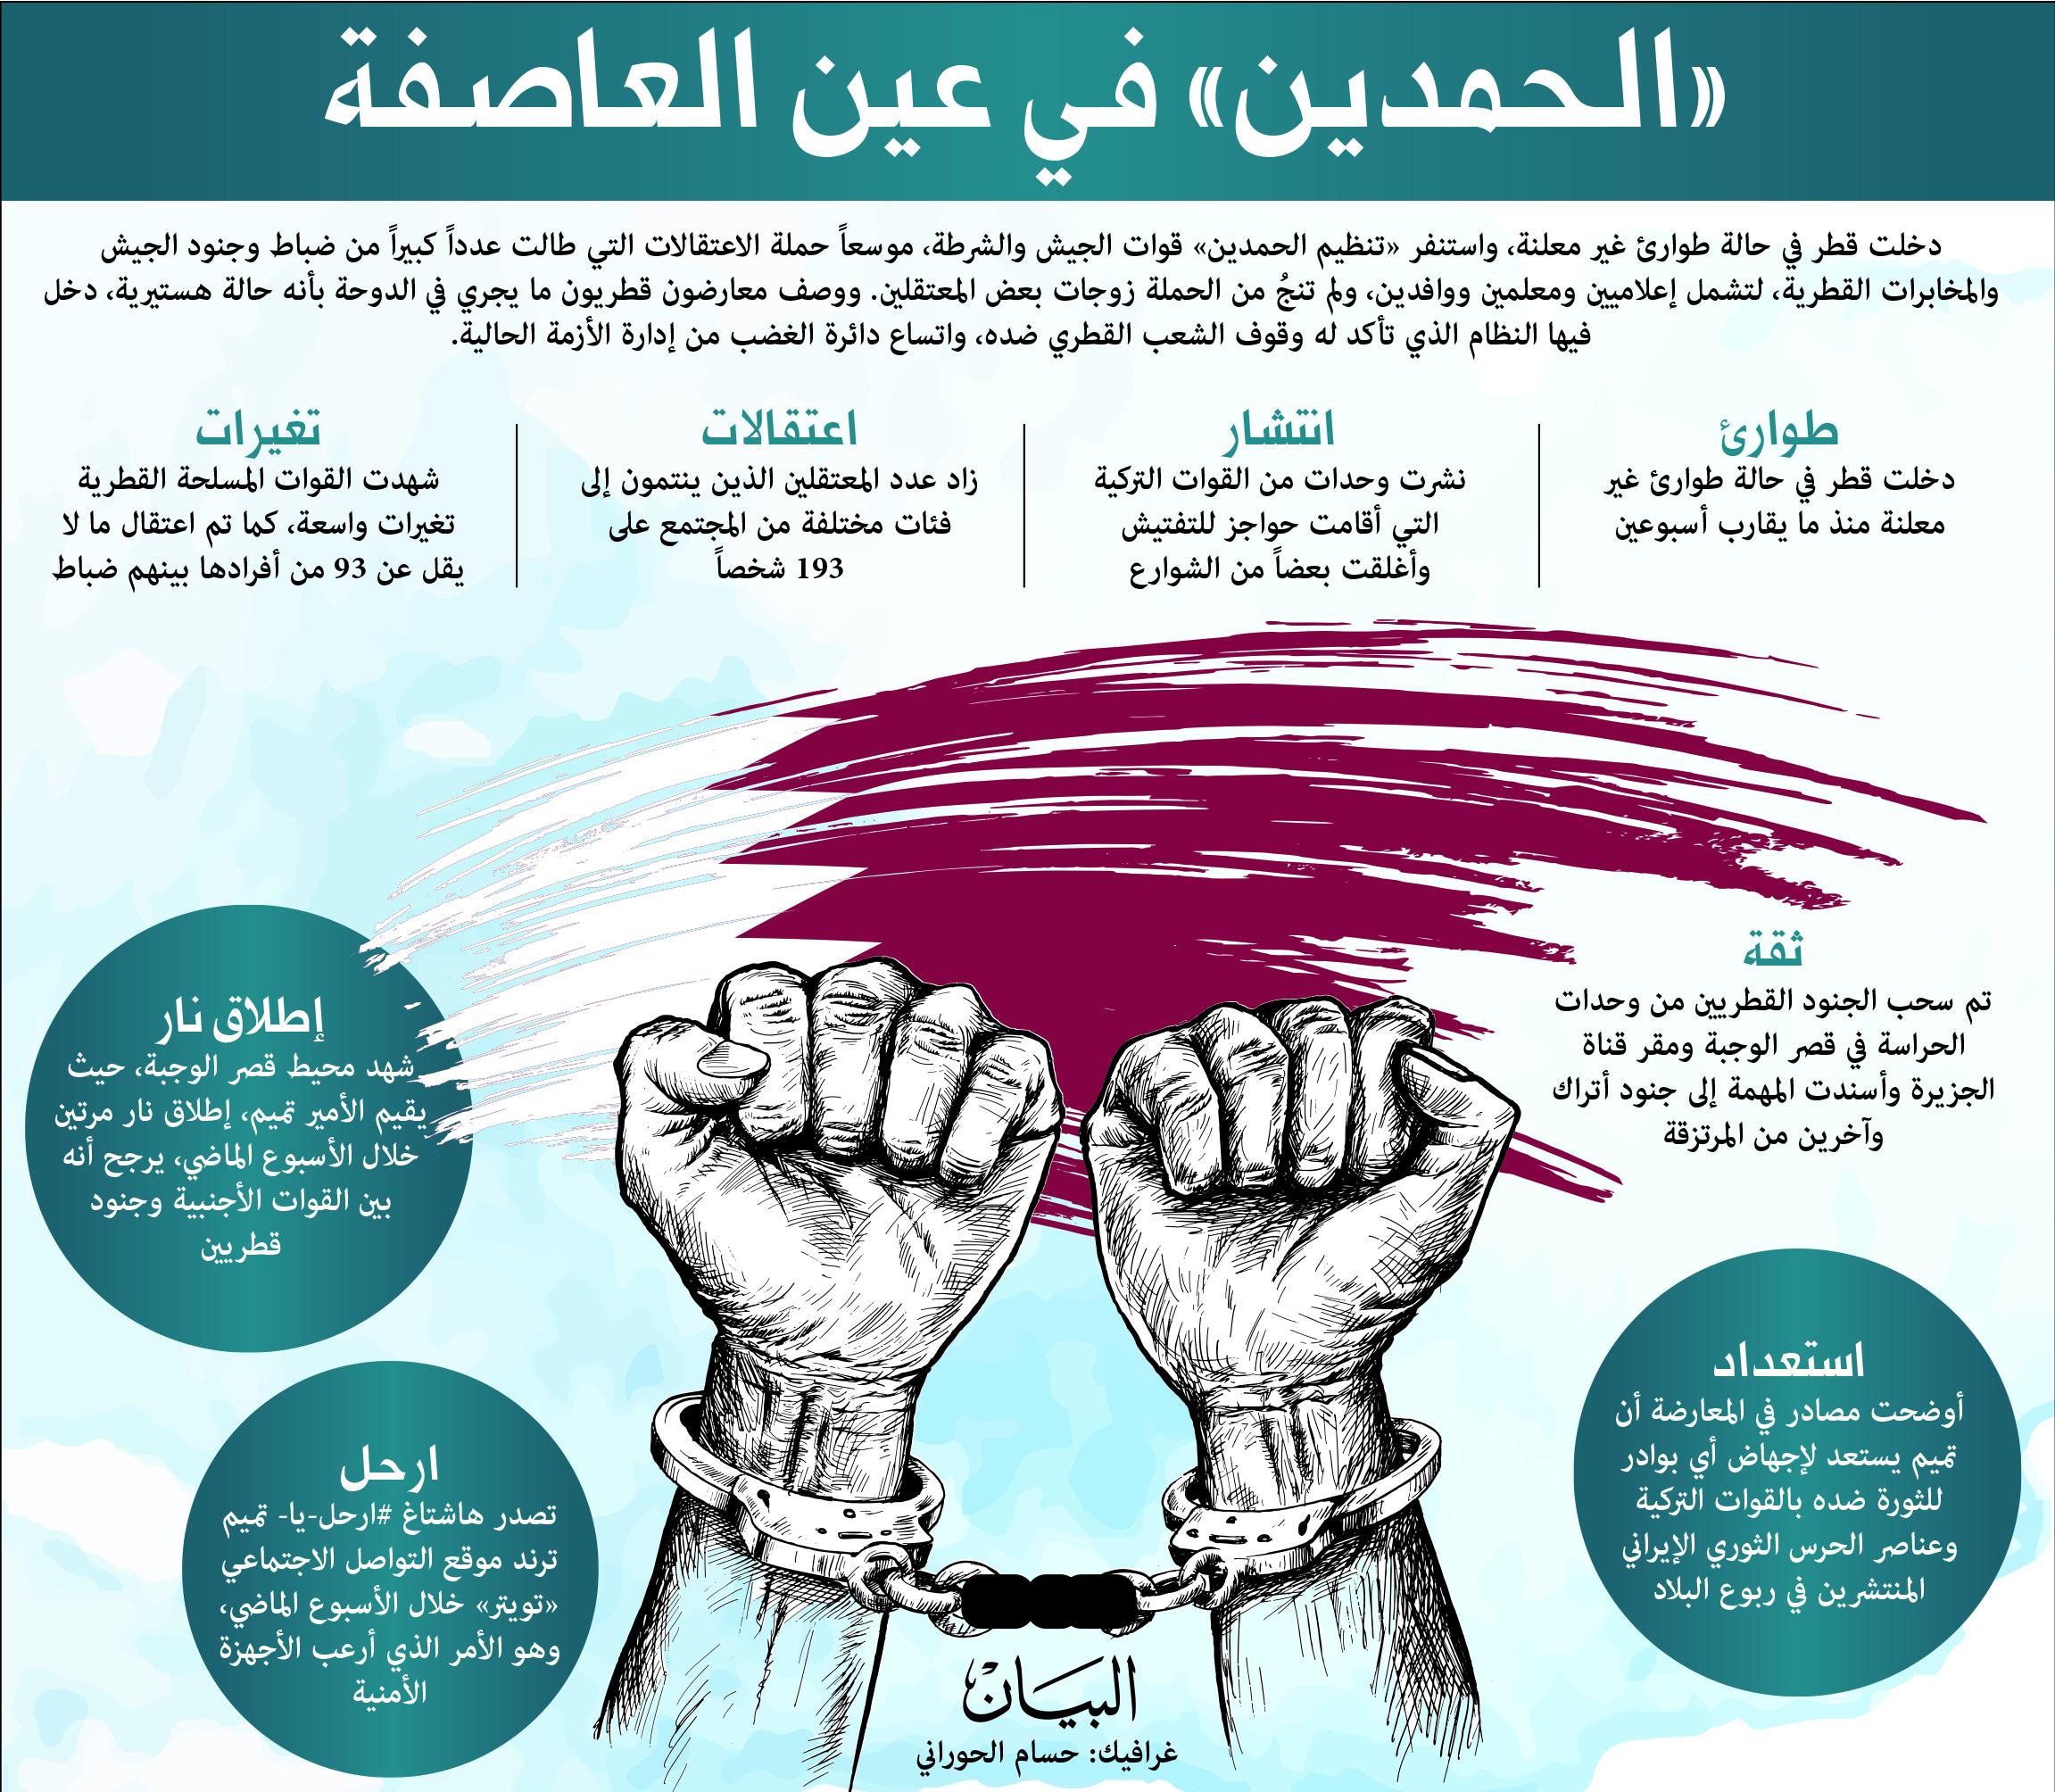 قرقاش: قطر تدير الأزمة بمراهقة لا نظير لها - عالم واحد ...